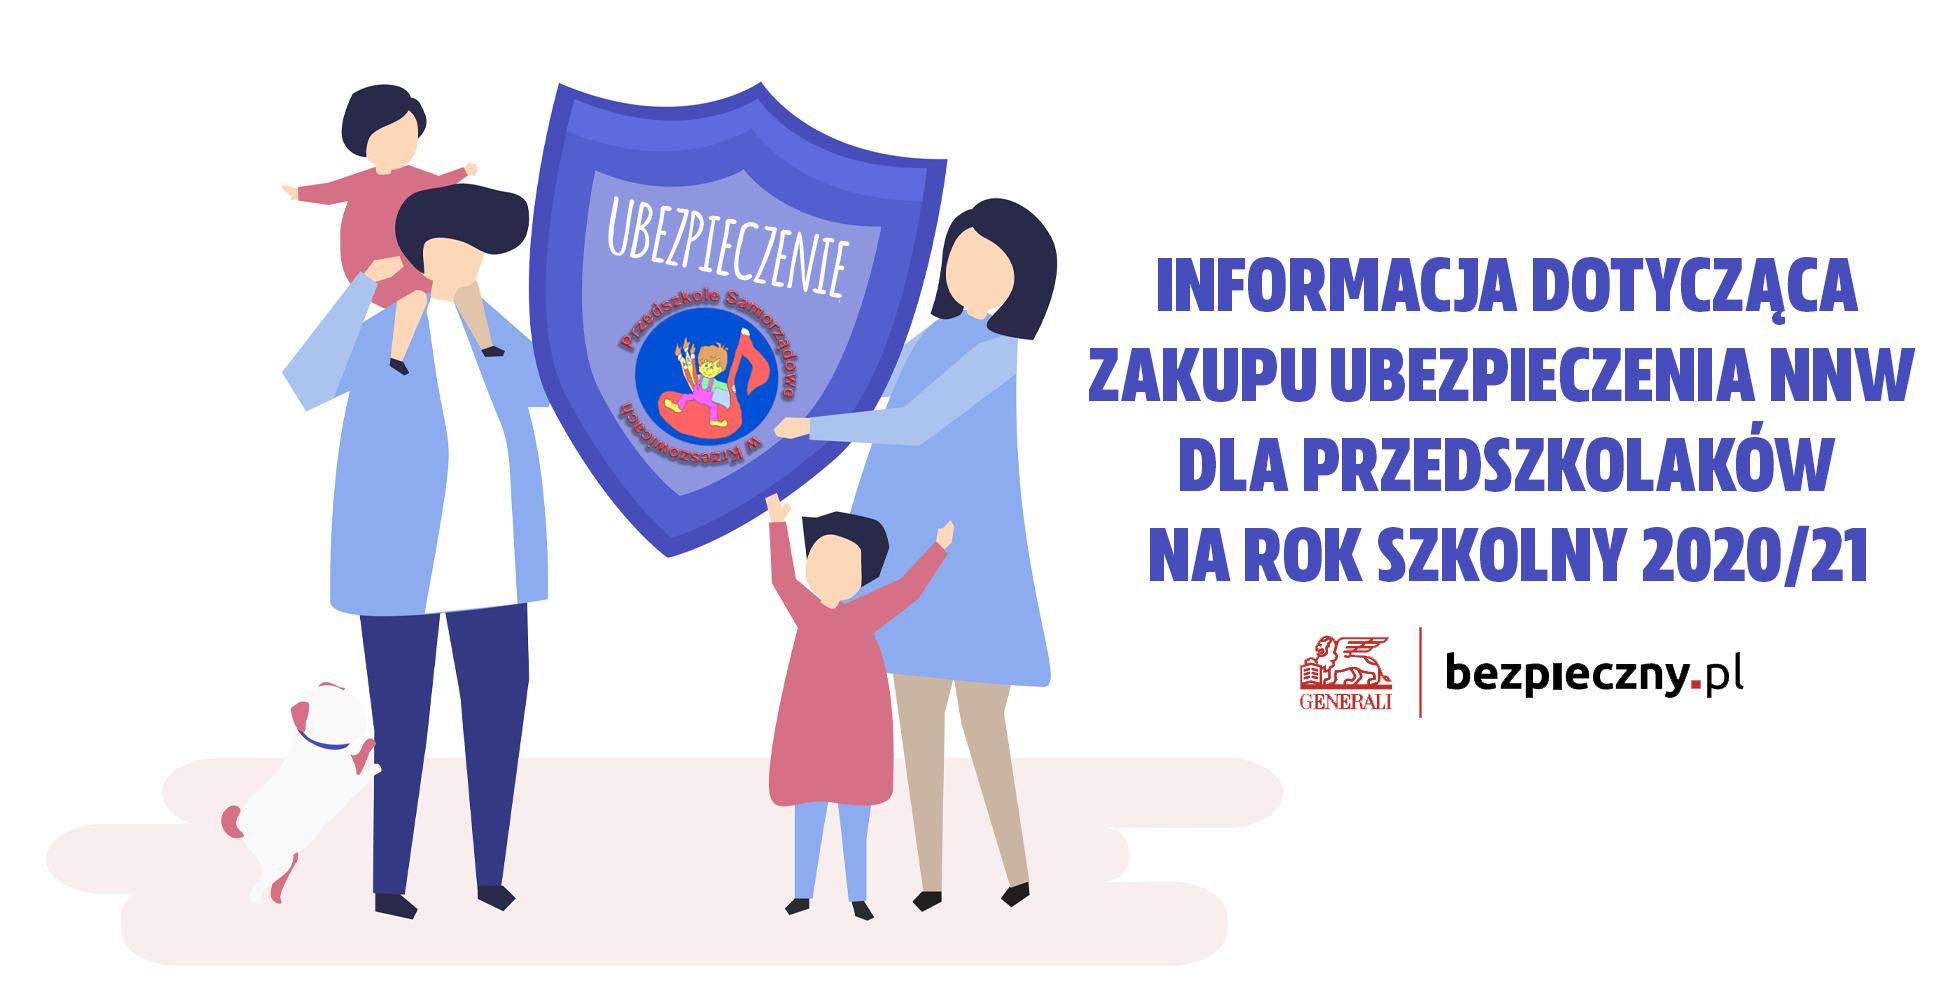 Ubezpieczenie NNW dla Przedszkolaków na rok 2020/21